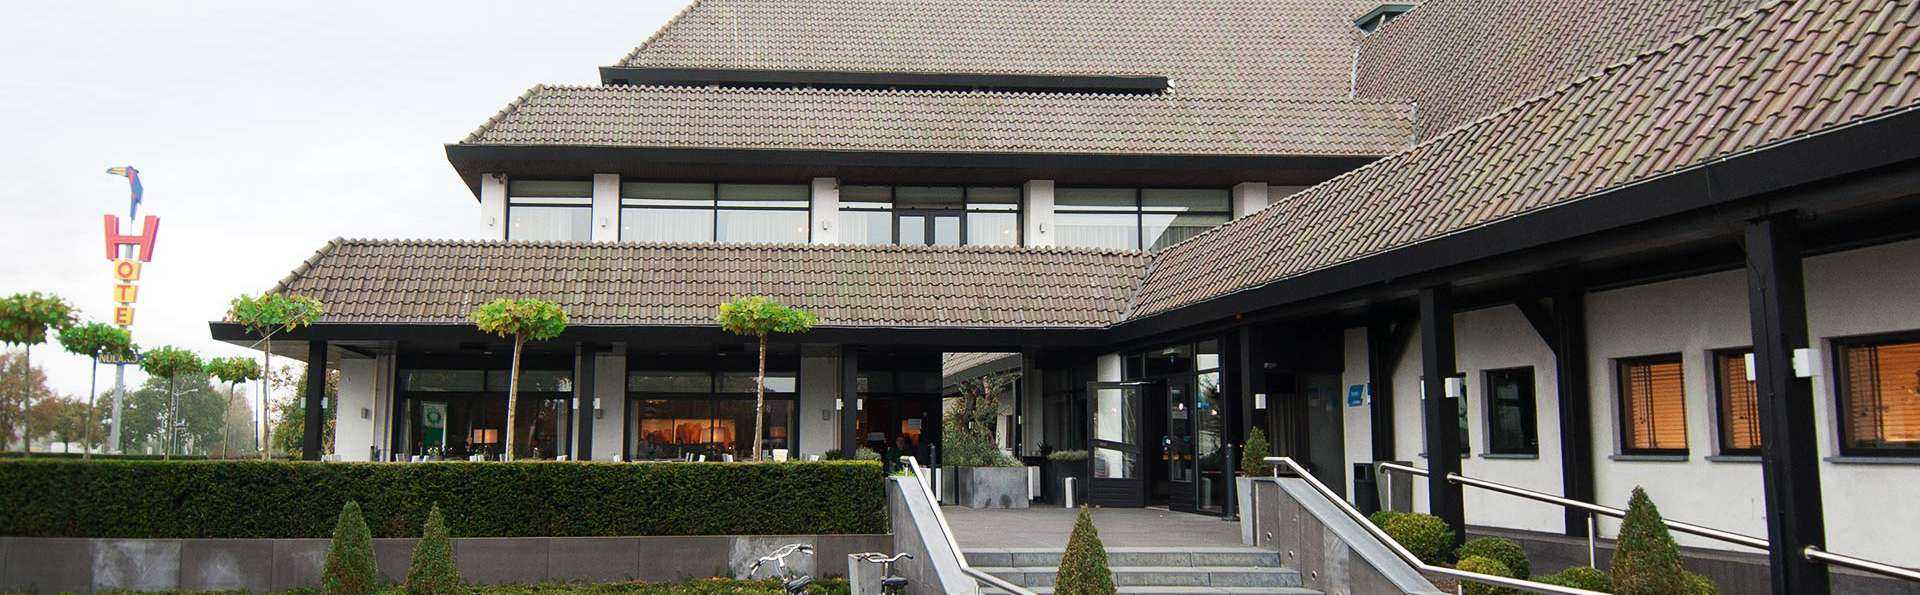 Van der Valk Hotel Nuland-´s-Hertogenbosch - EDIT_front.jpg